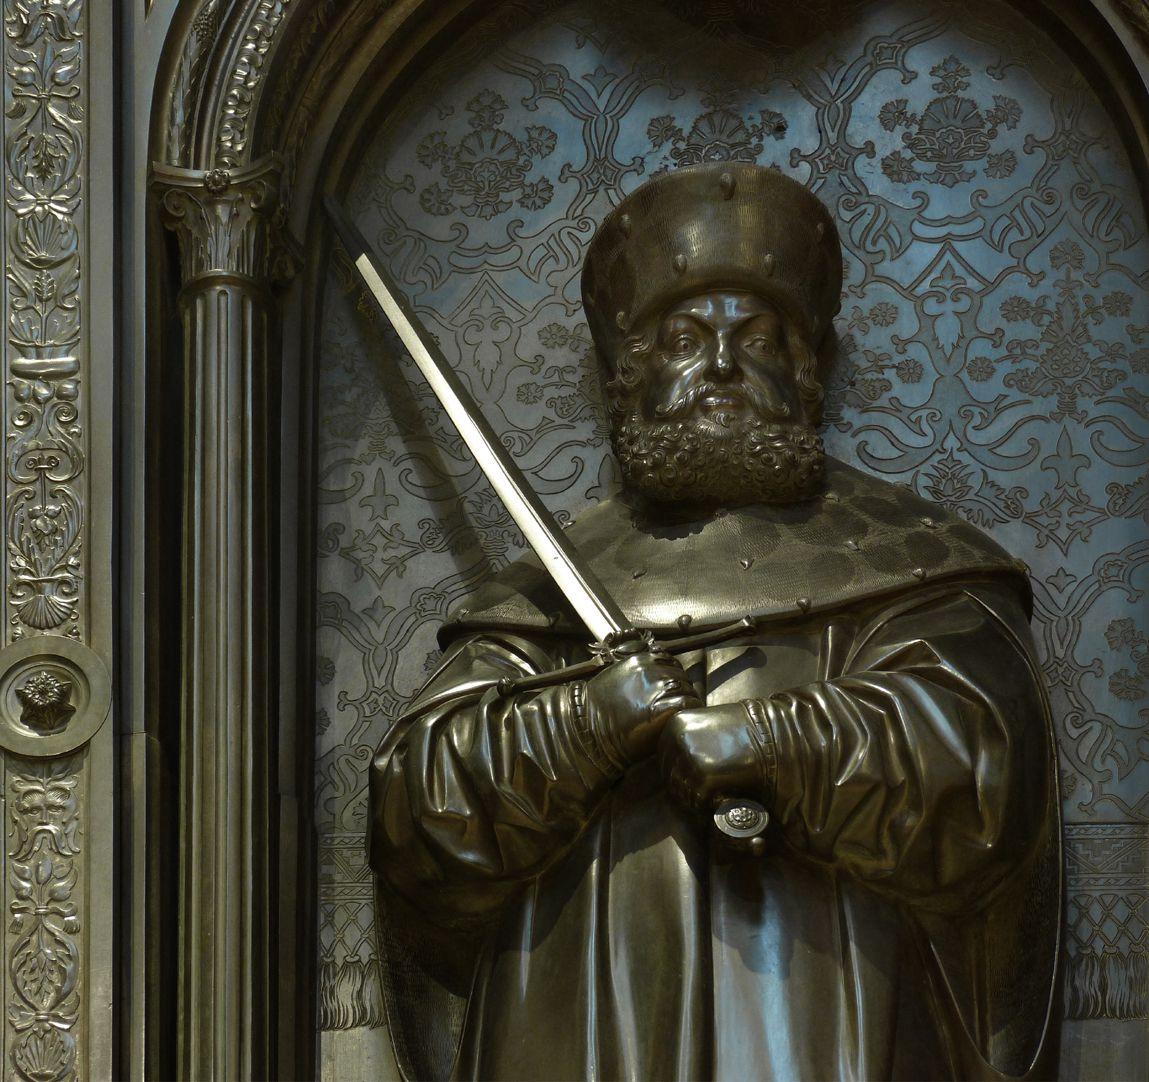 Grabmal Friedrichs des Weisen (Wittenberg) Friedrich der Weise, Frontalansicht auf dem Hintergrund eines Brokatimitats